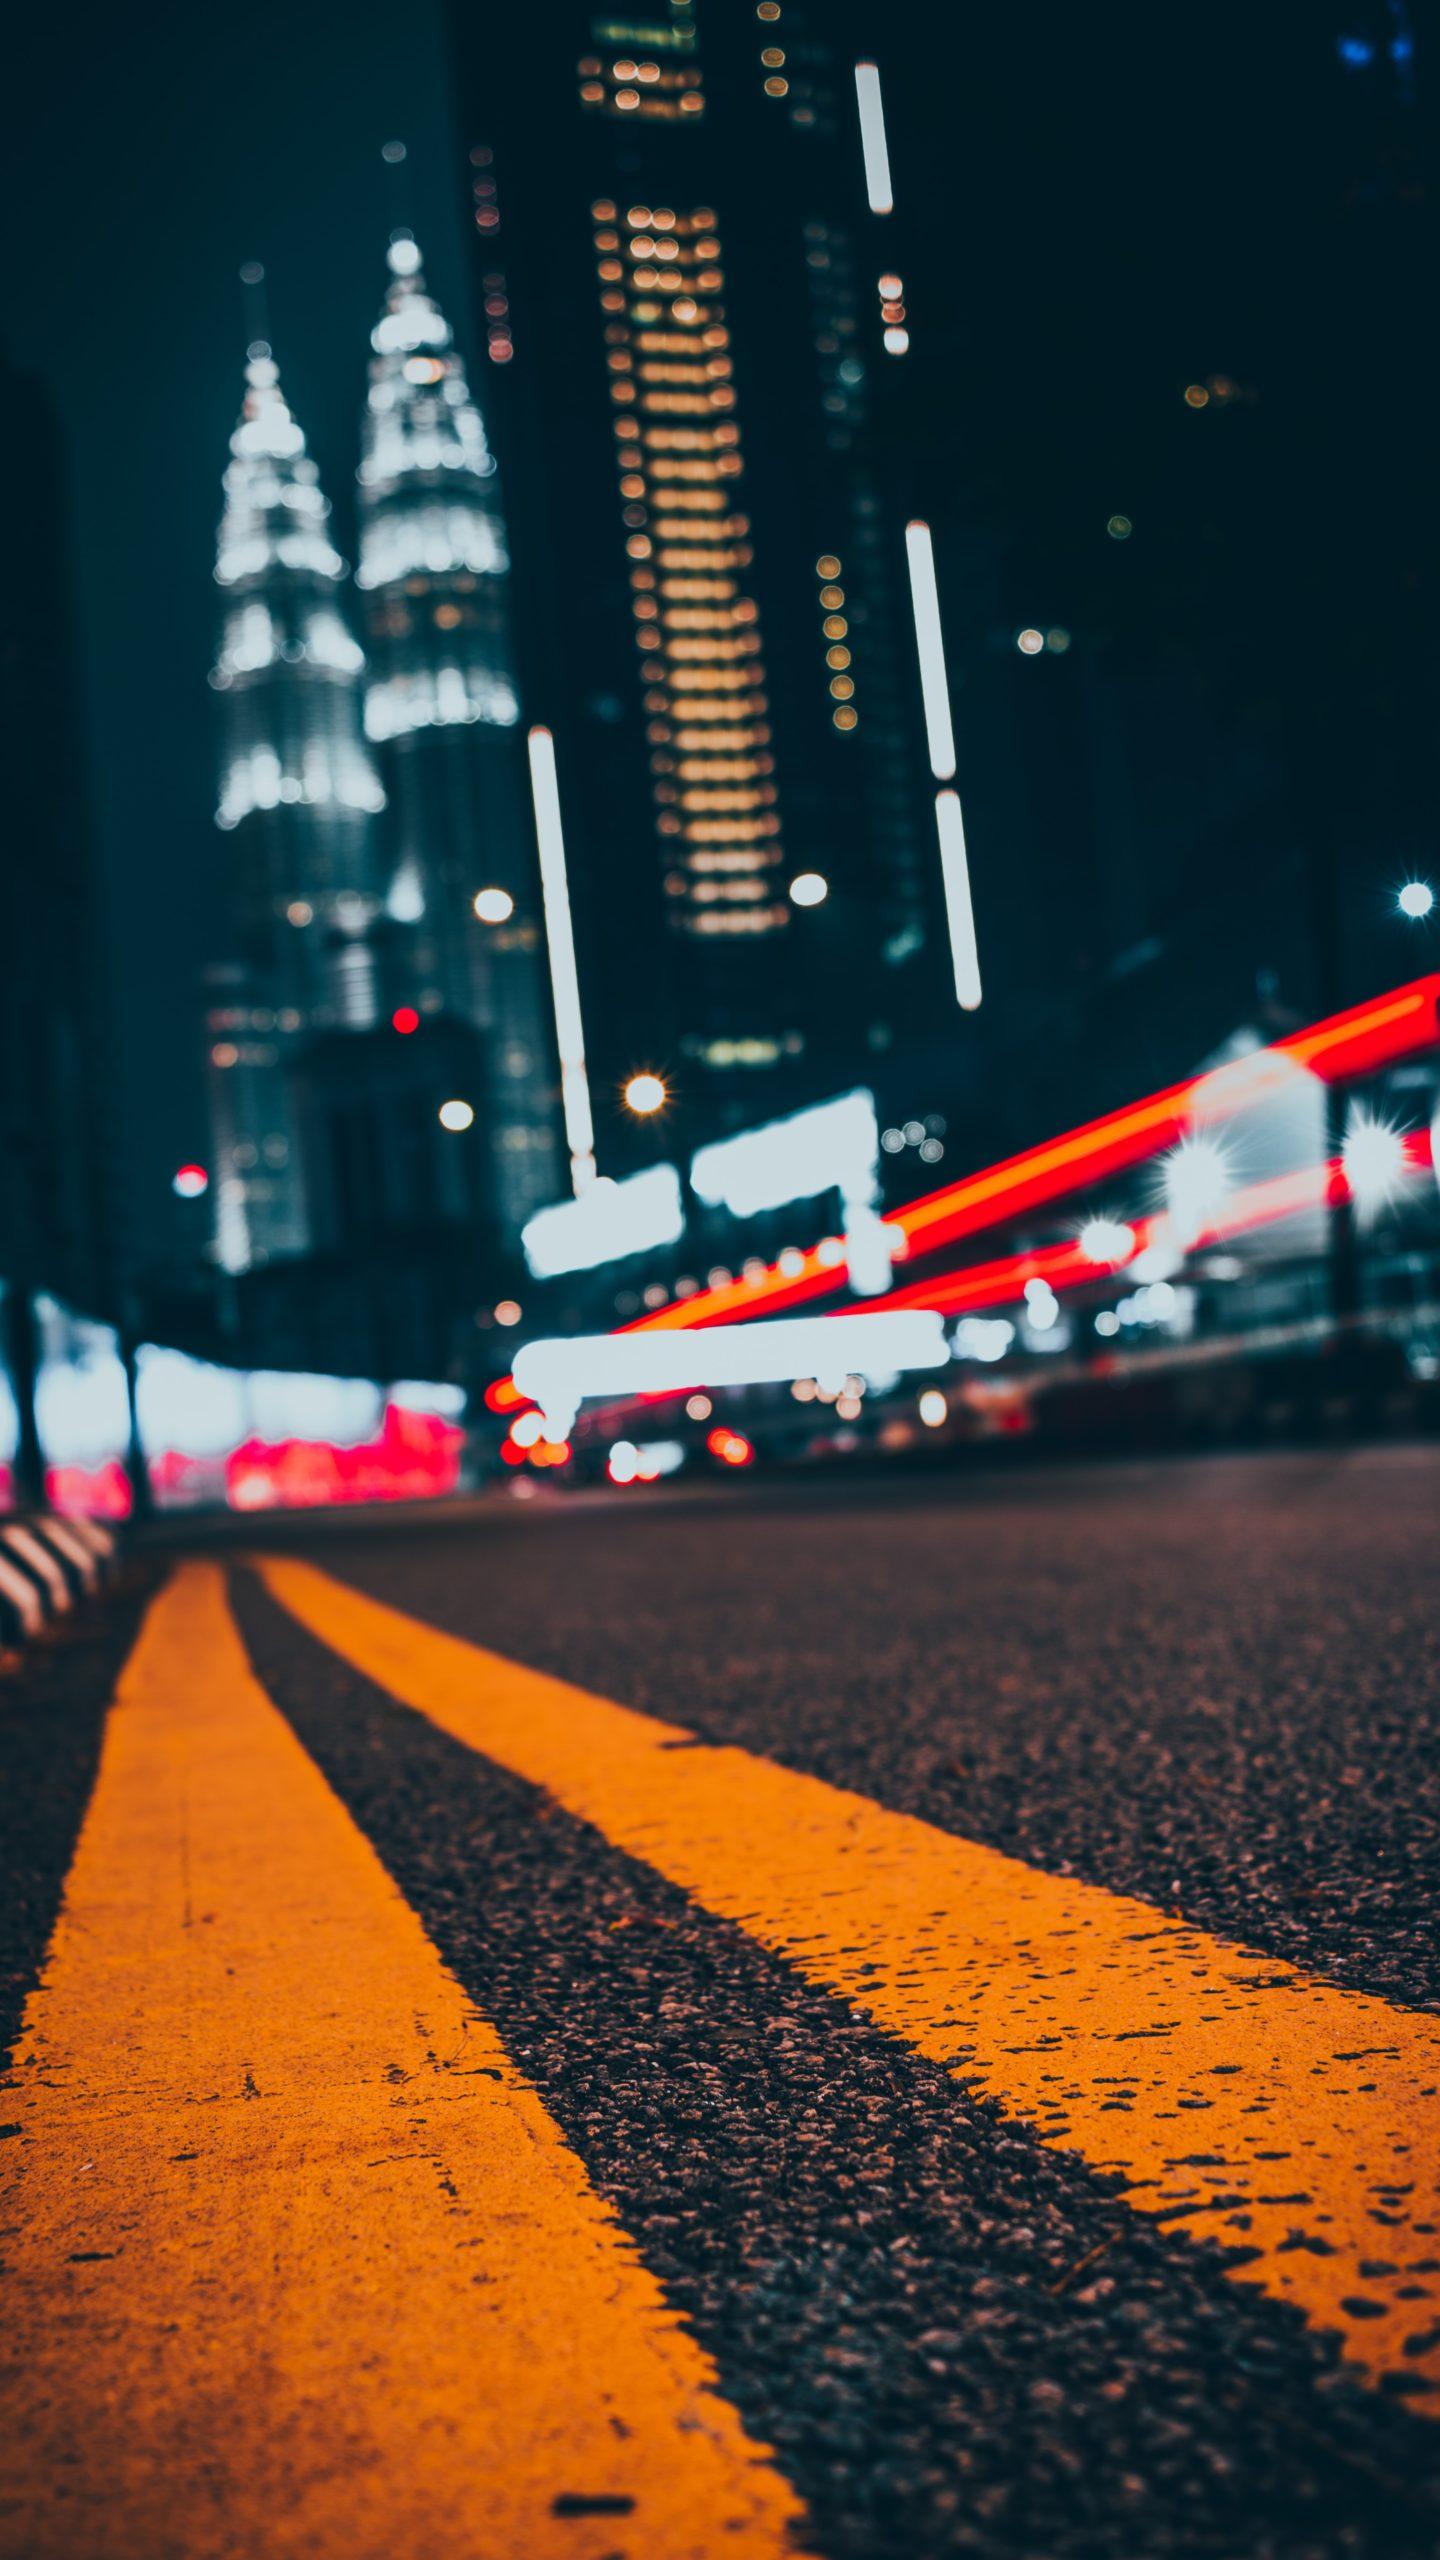 Kolumne Superhelden fliegen vor Straße bei Nacht